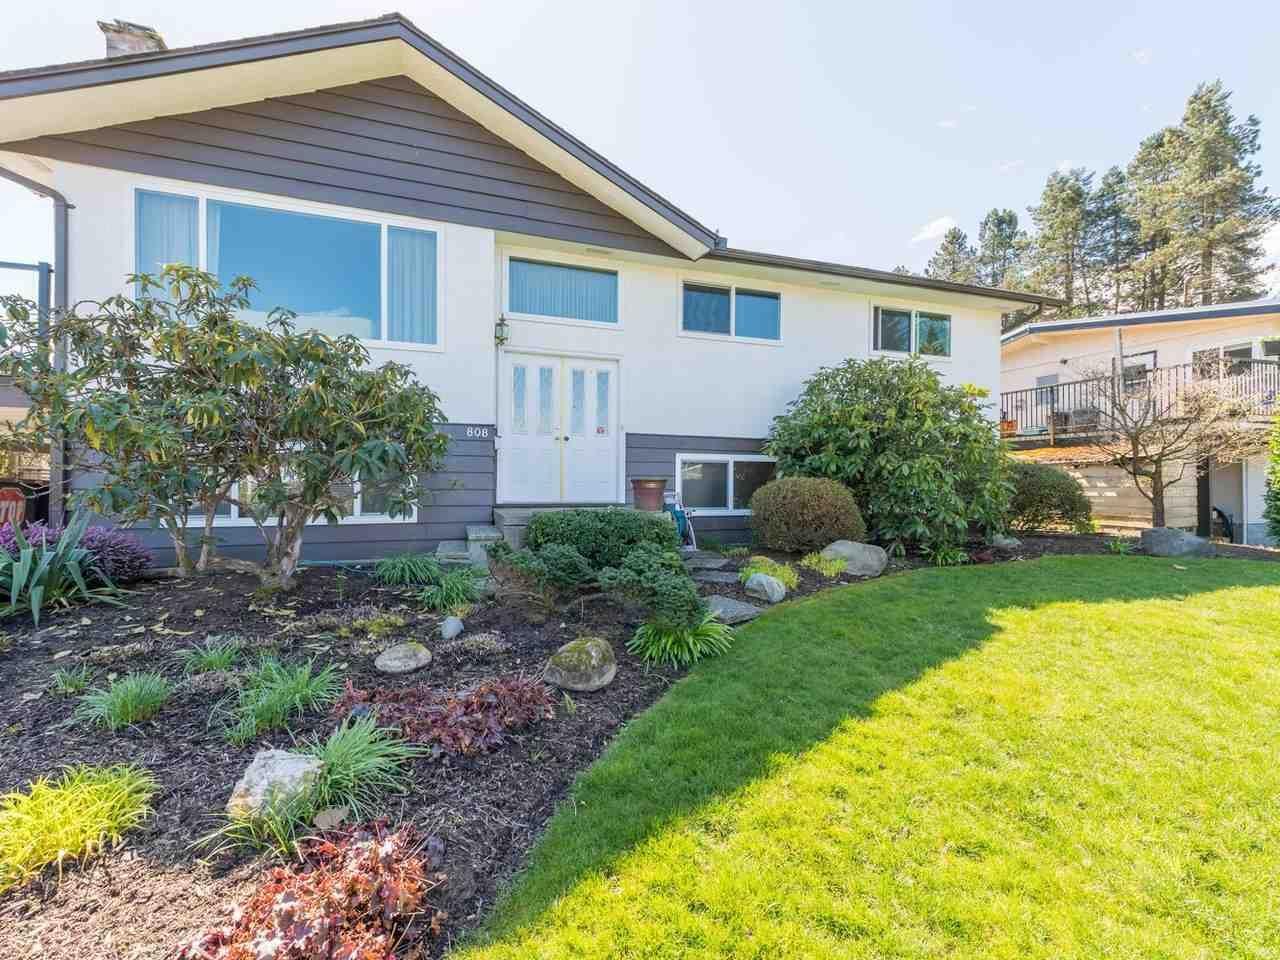 Photo 4: Photos: 808 REGAN Avenue in Coquitlam: Coquitlam West House for sale : MLS®# R2563486